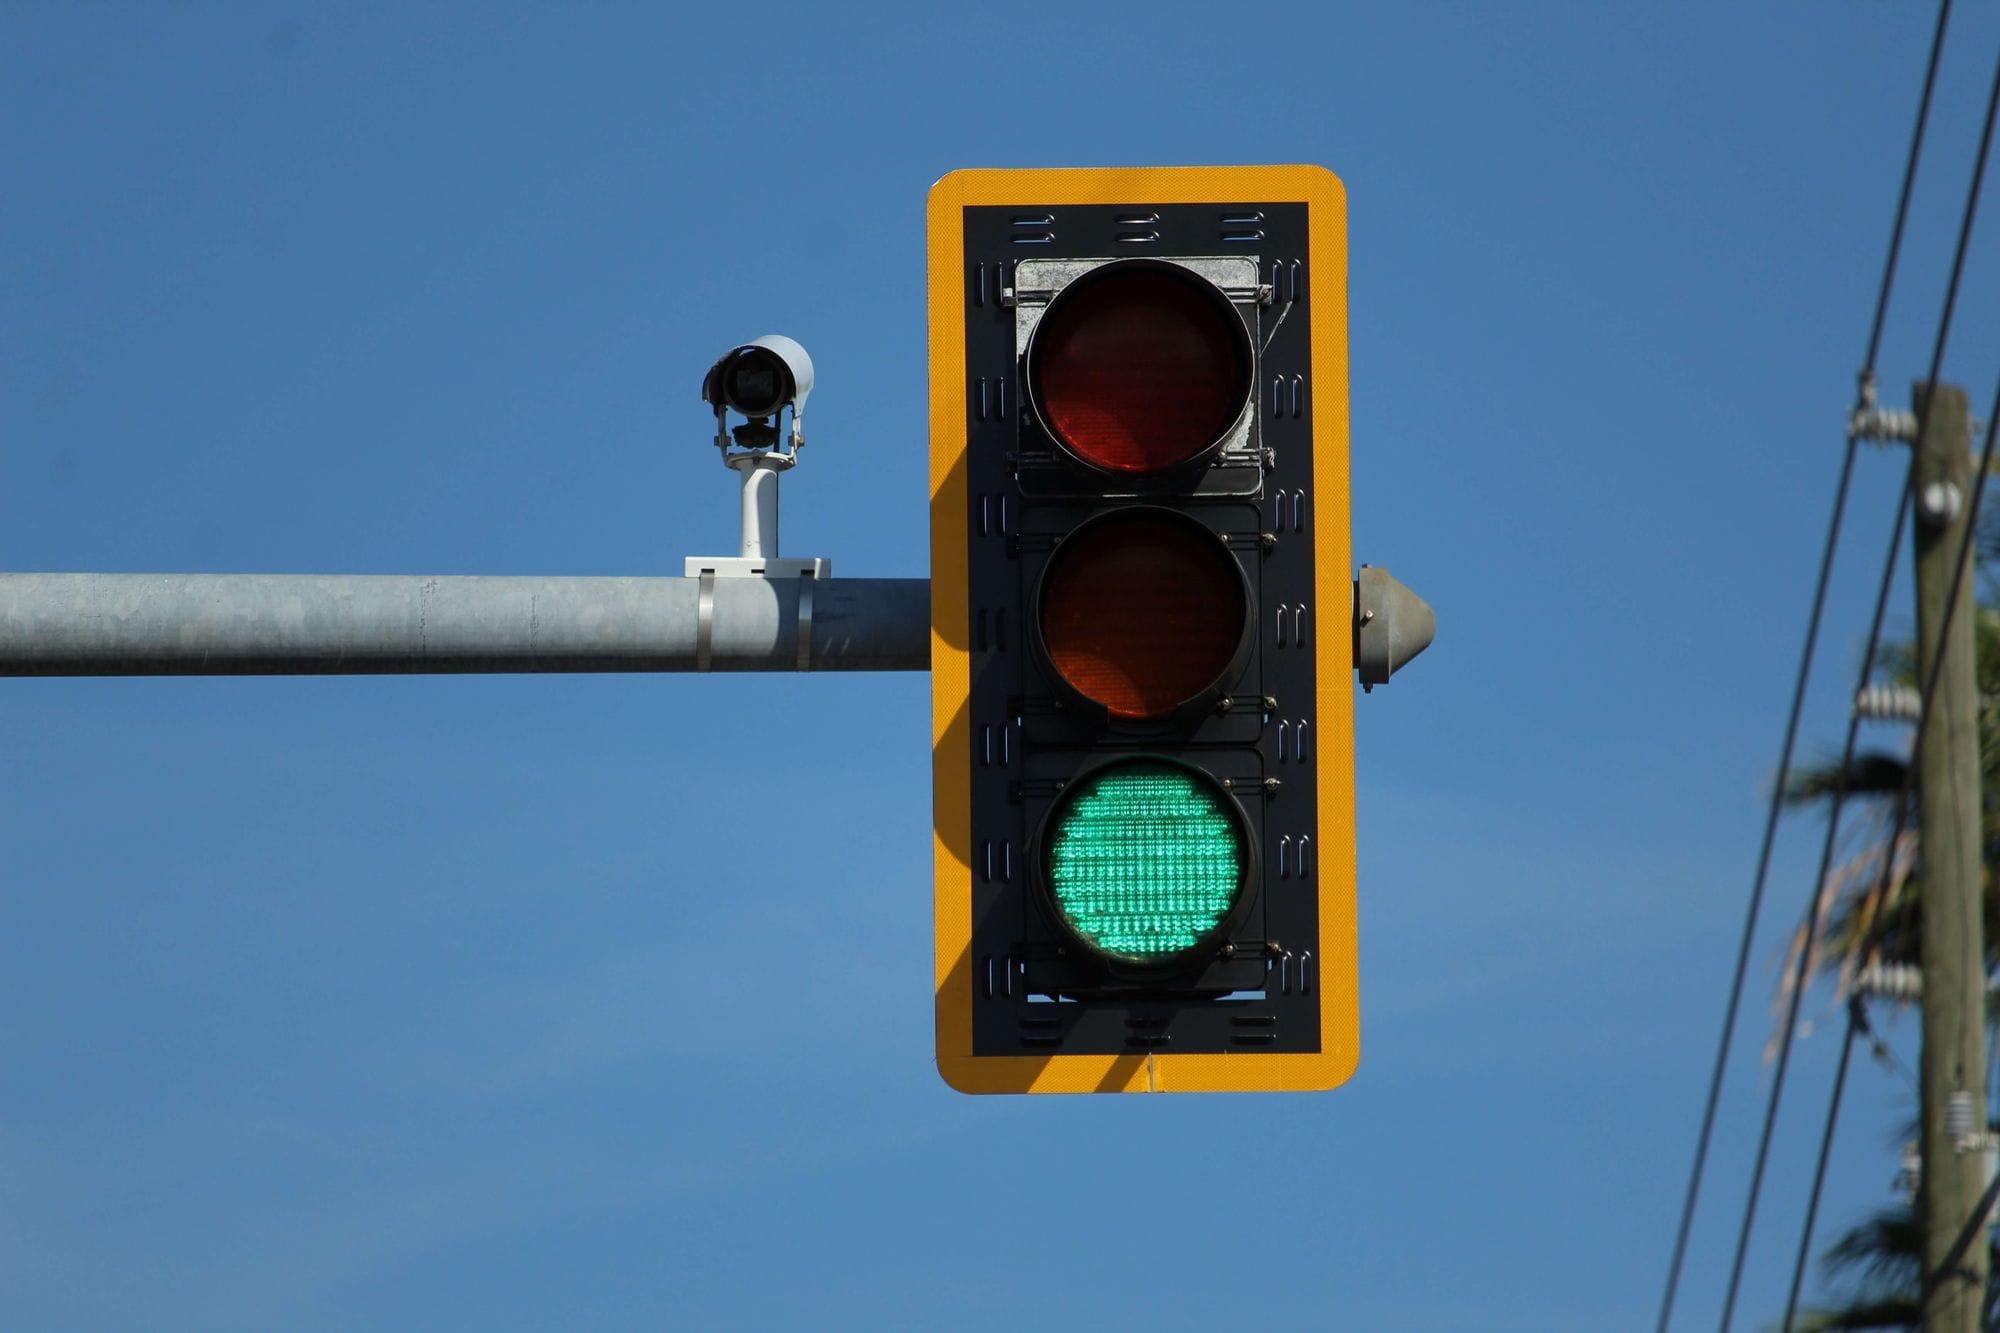 Πράσινο φανάρι κυκλοφορίας με κάμερα